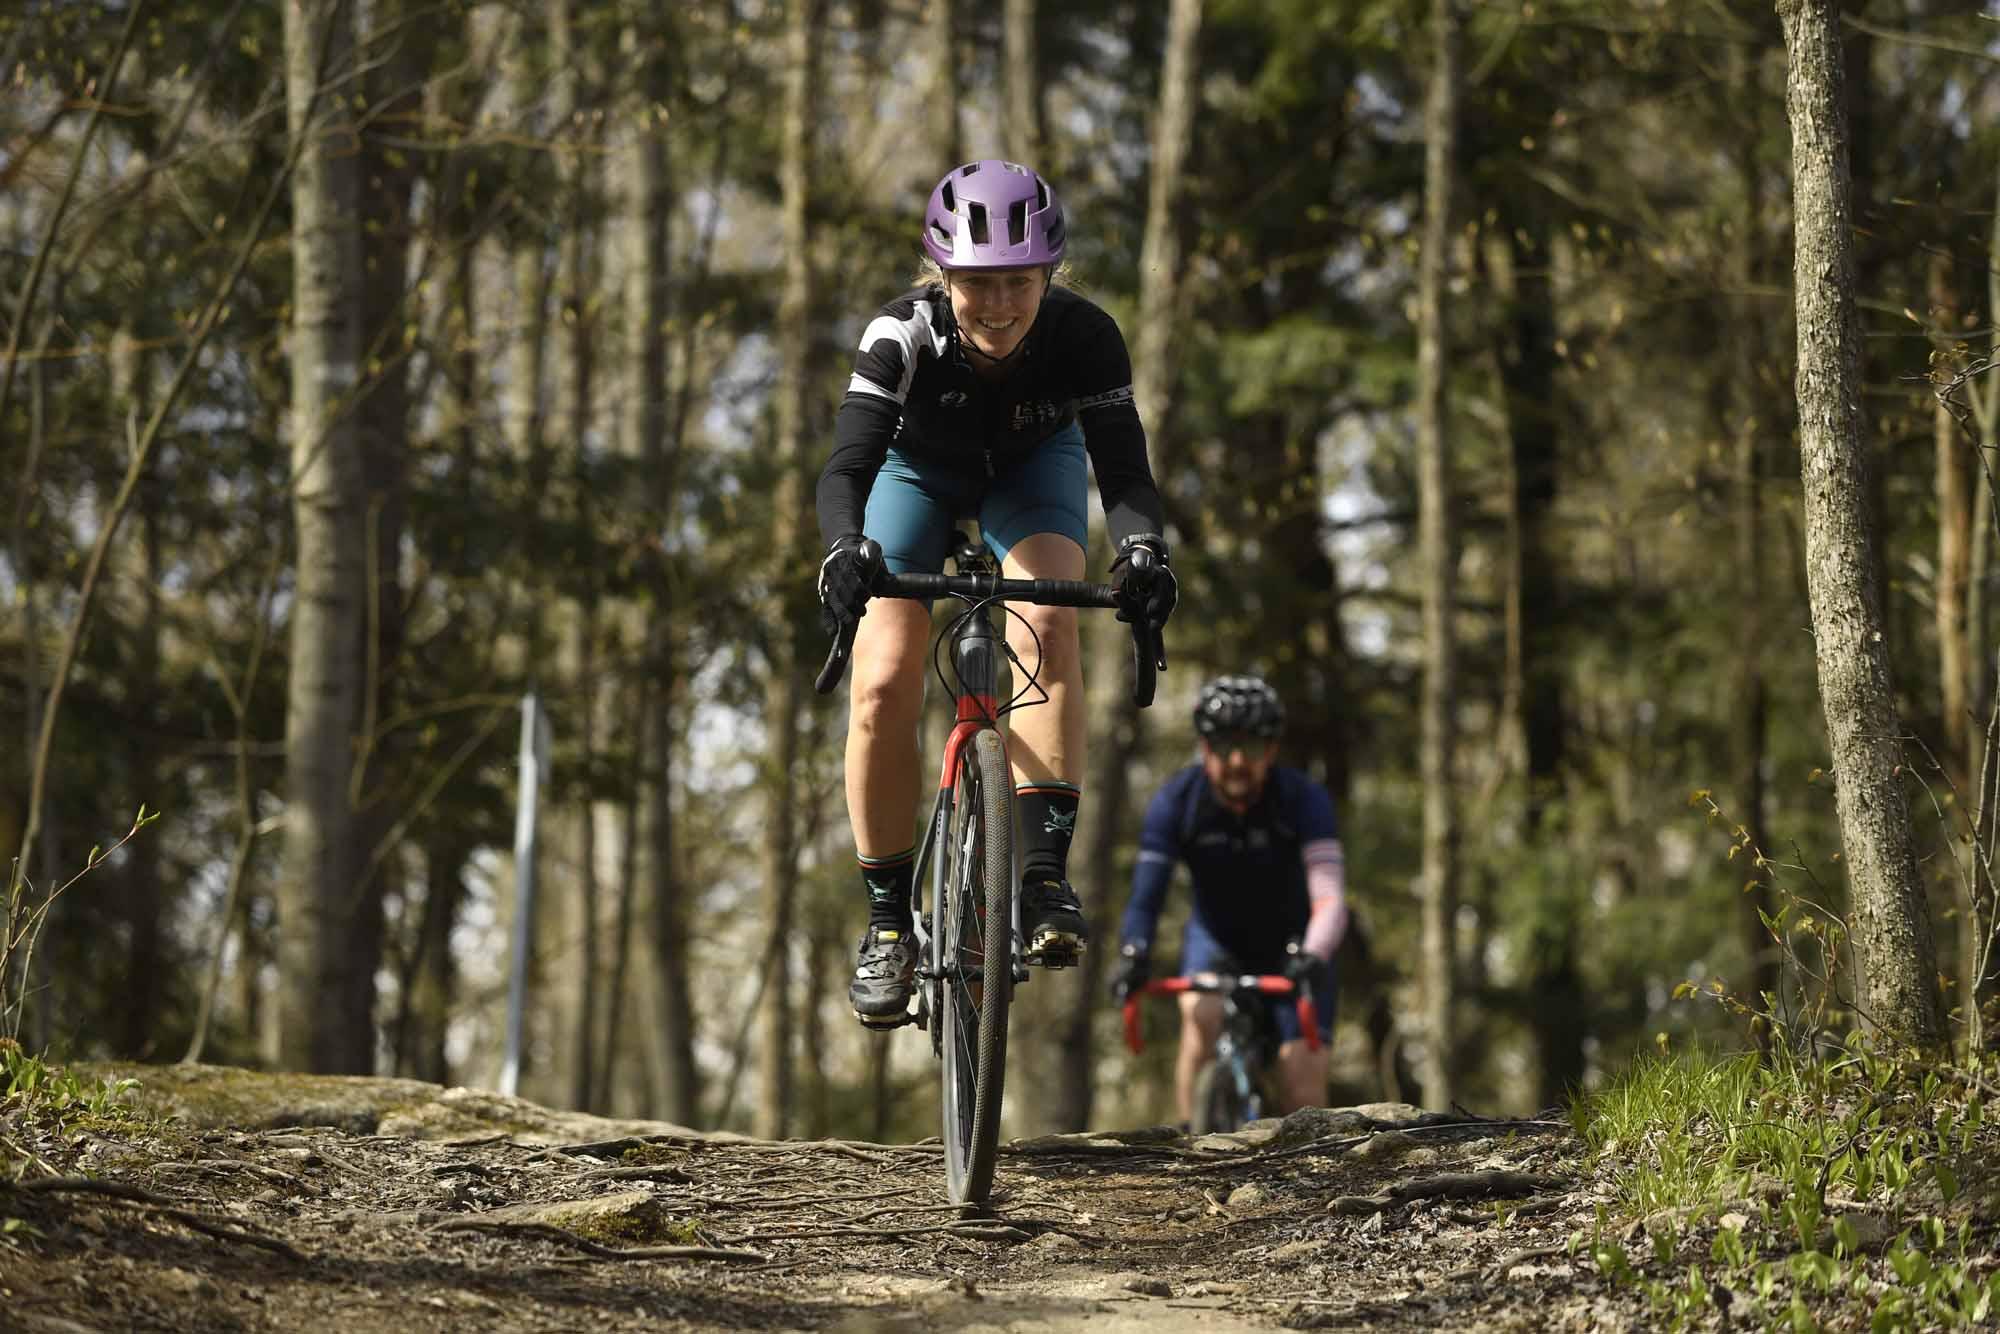 Gravel-Bandits-Gang-de-la-Garnotte-Bromont-Cyclists-Shun-Pavement-Bernard-Brault-woman-trail